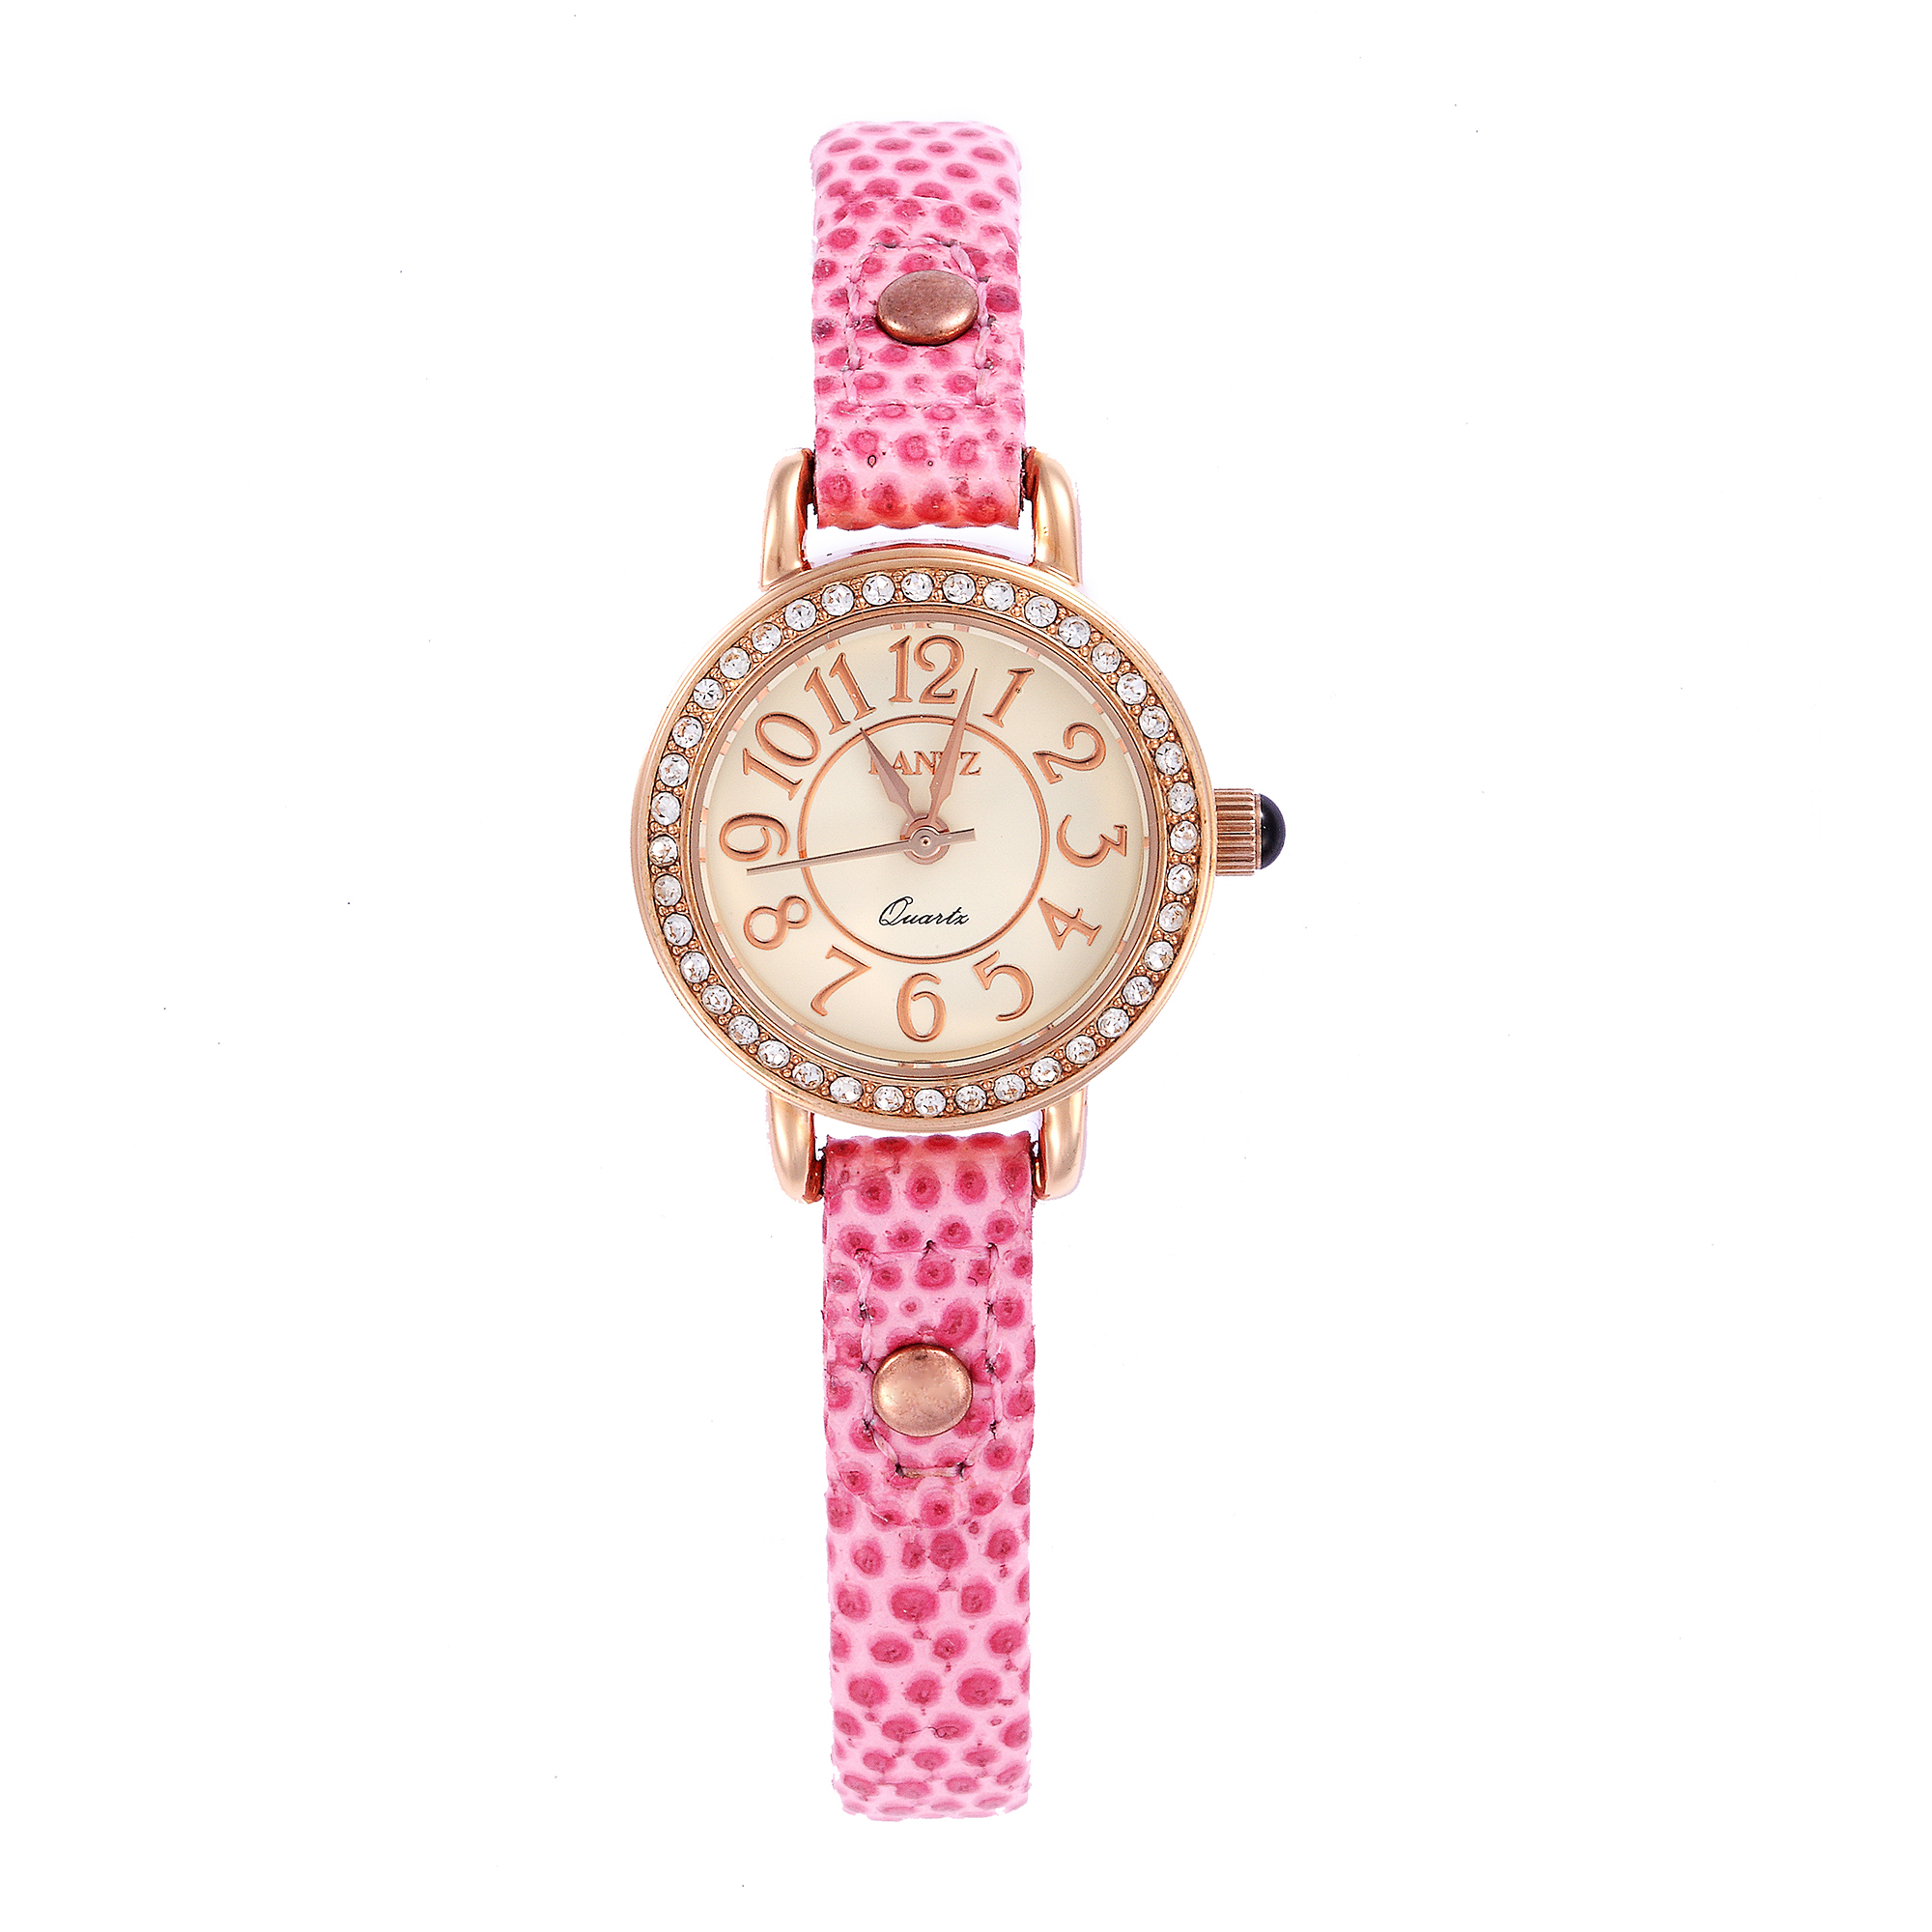 韩国原产LANTZ 时尚腕表碳钢石英表女式手表 粉红